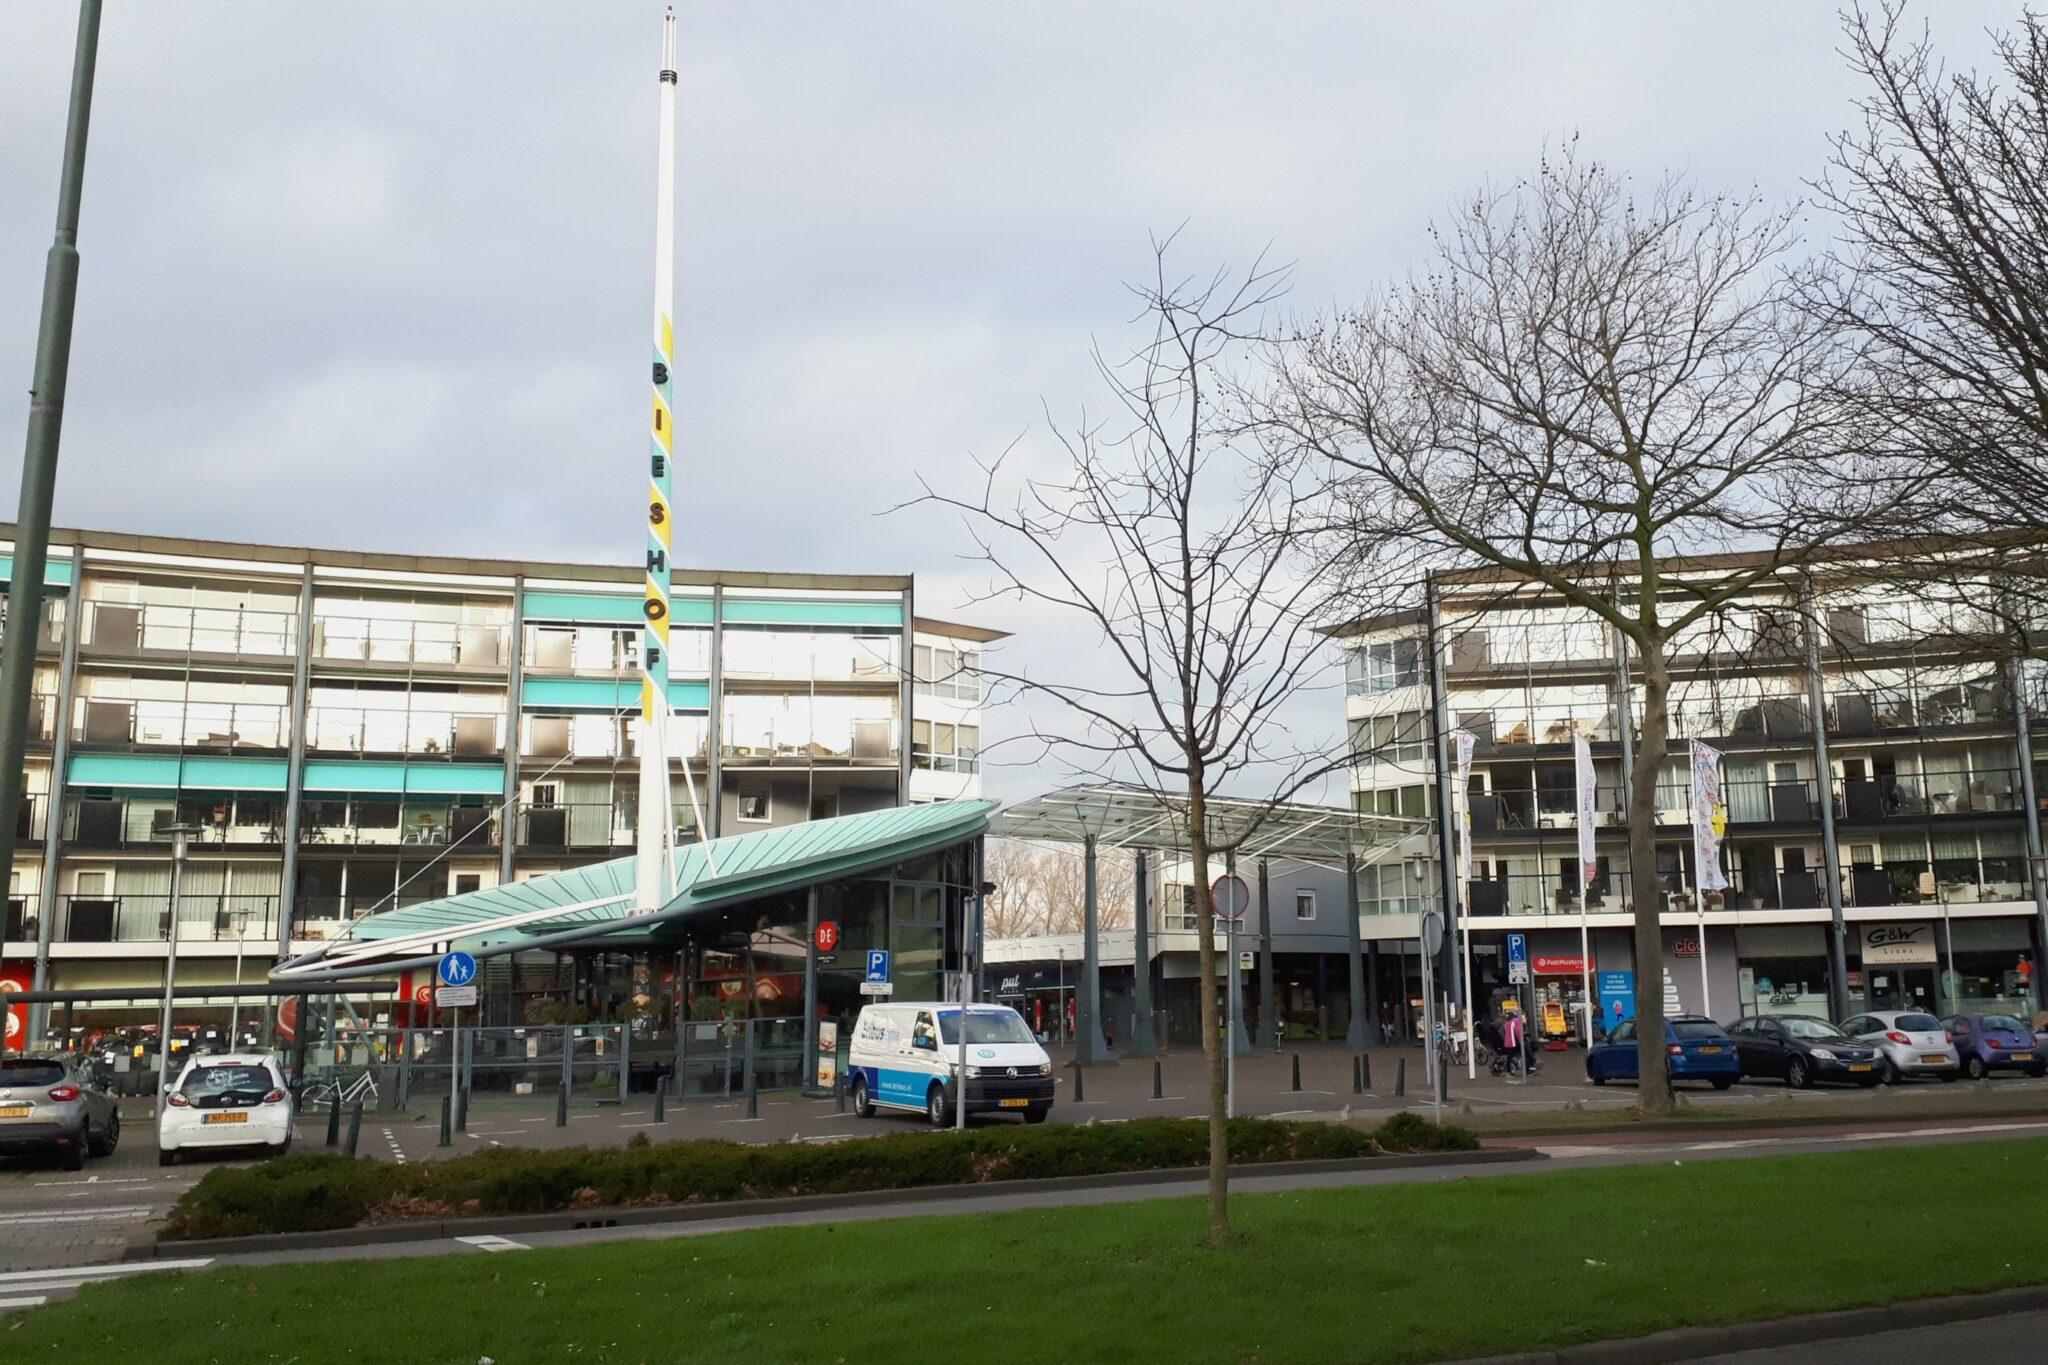 Winkelcentrum De Bieshof Van Eesterenplein - indebuurt Dordrecht